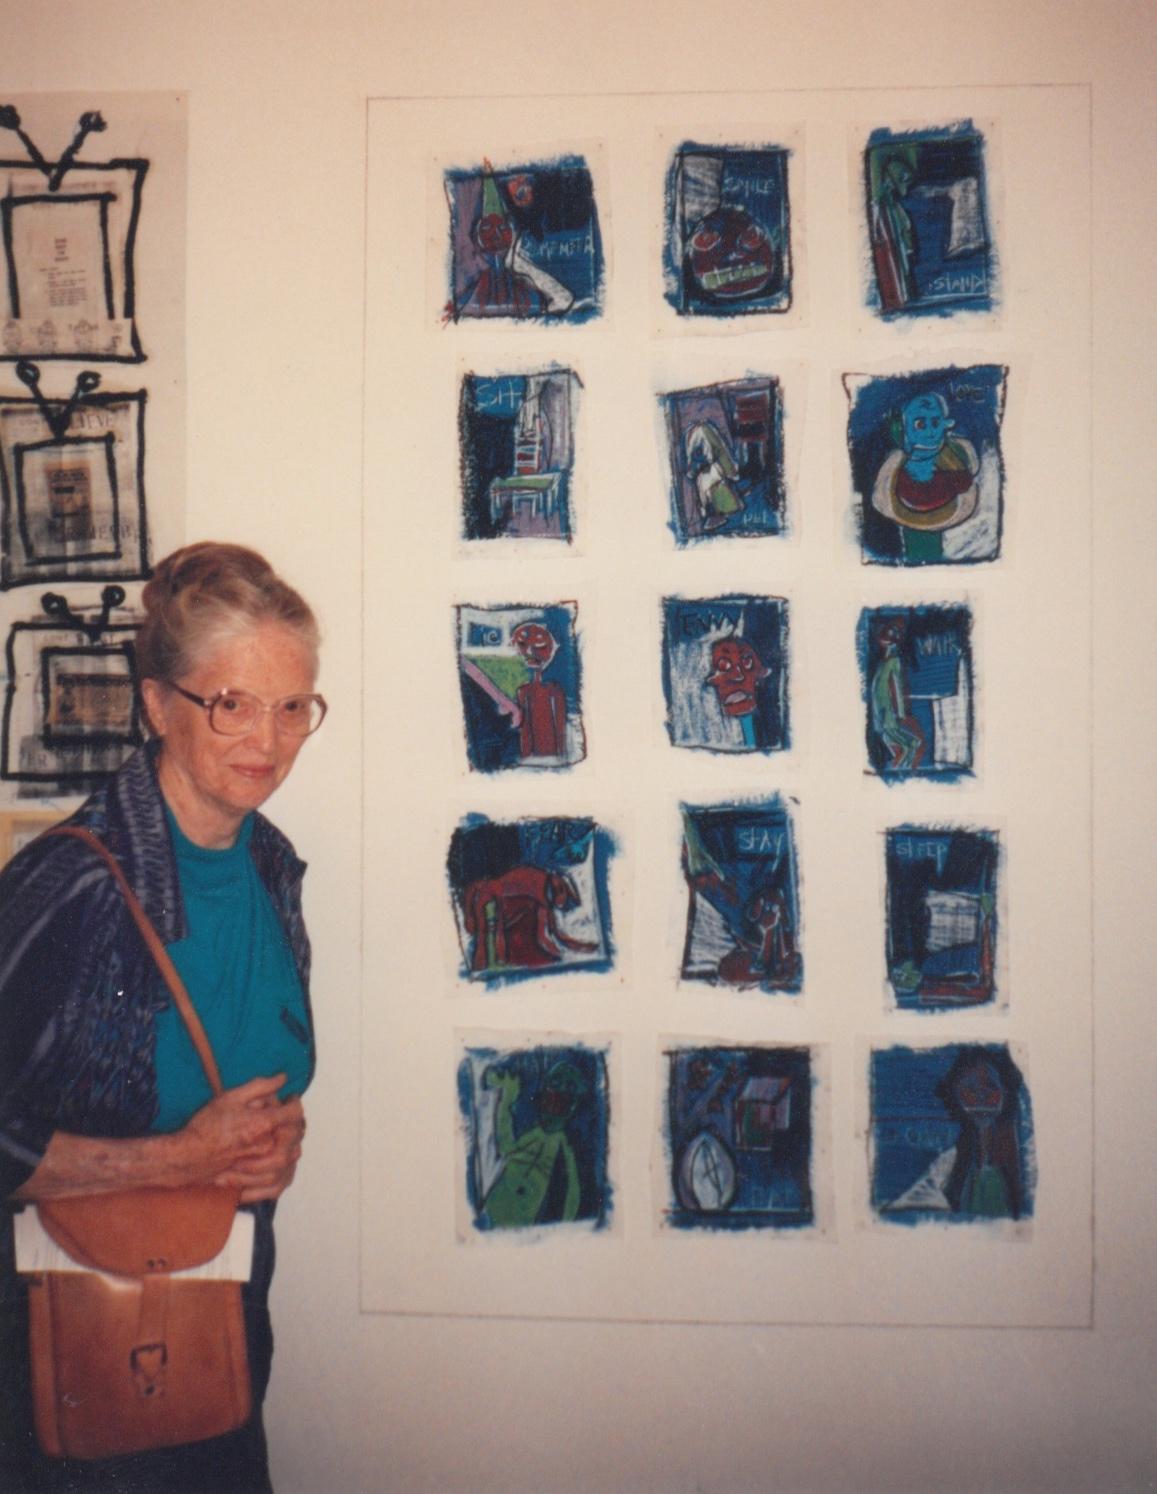 Gene's mother June Allcott with 1993 Allcott Scholar Wendy Given's Artwork